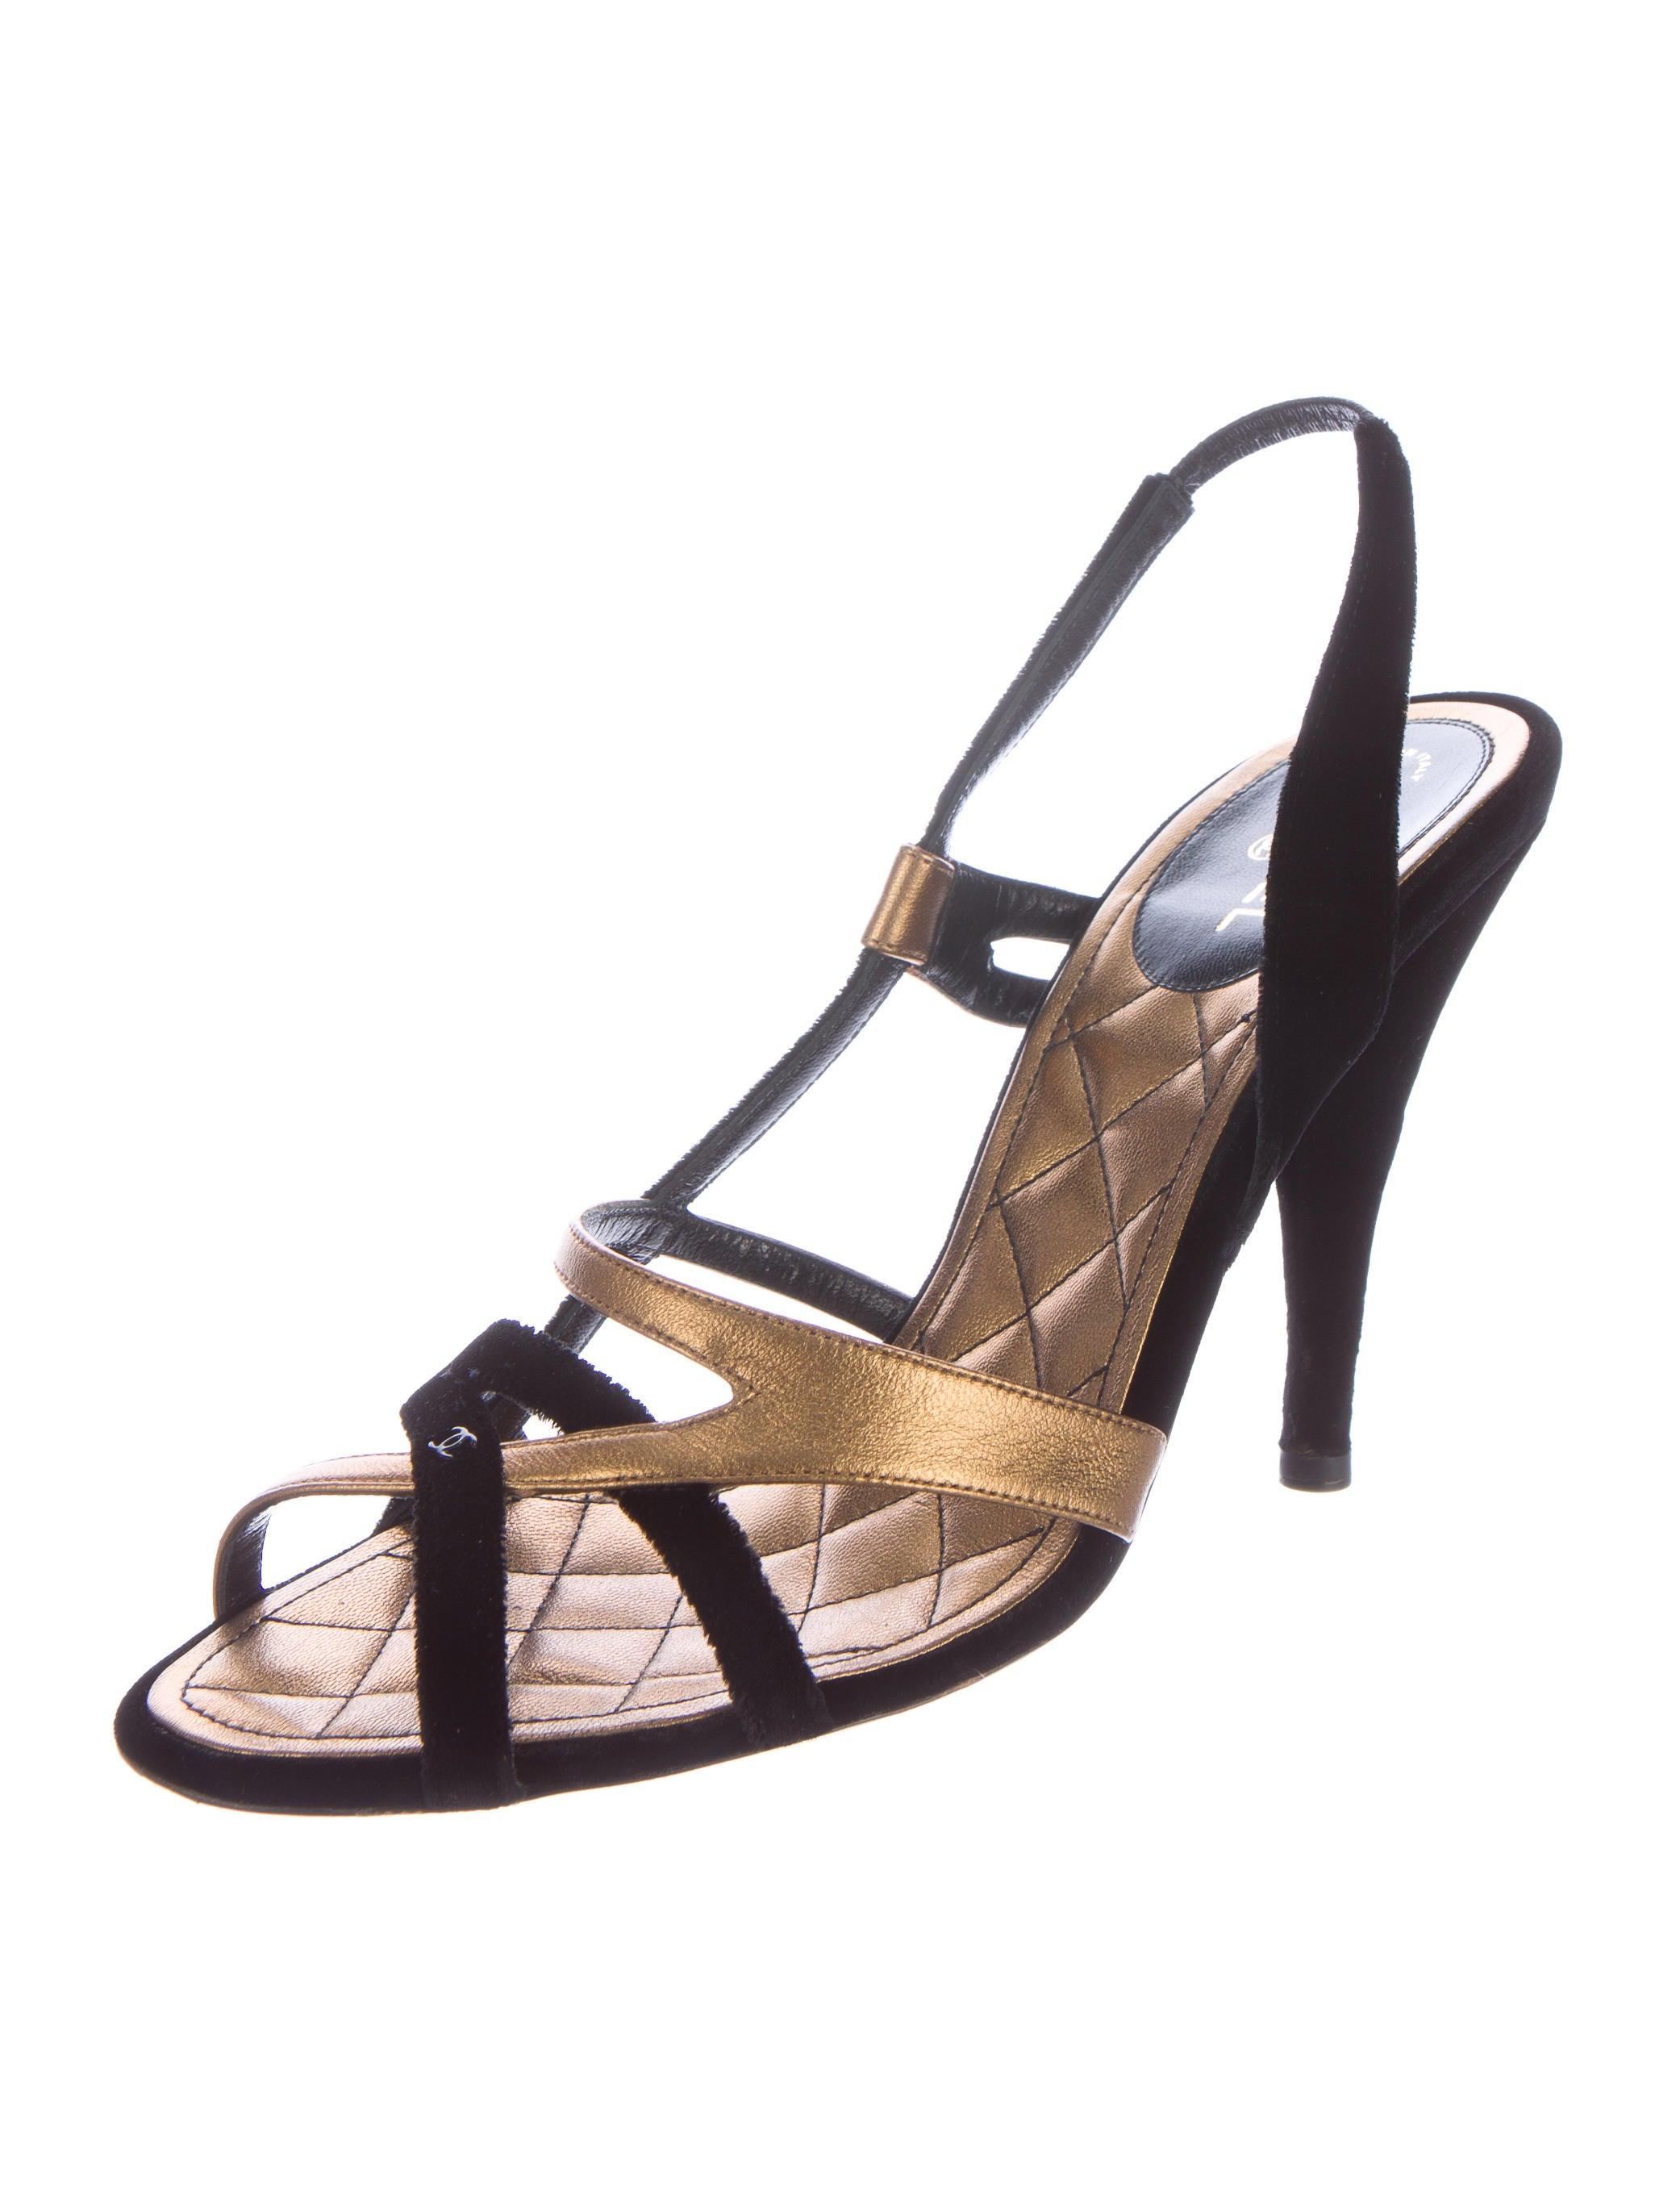 Chanel Velvet Slingback Sandals Shoes Cha117682 The